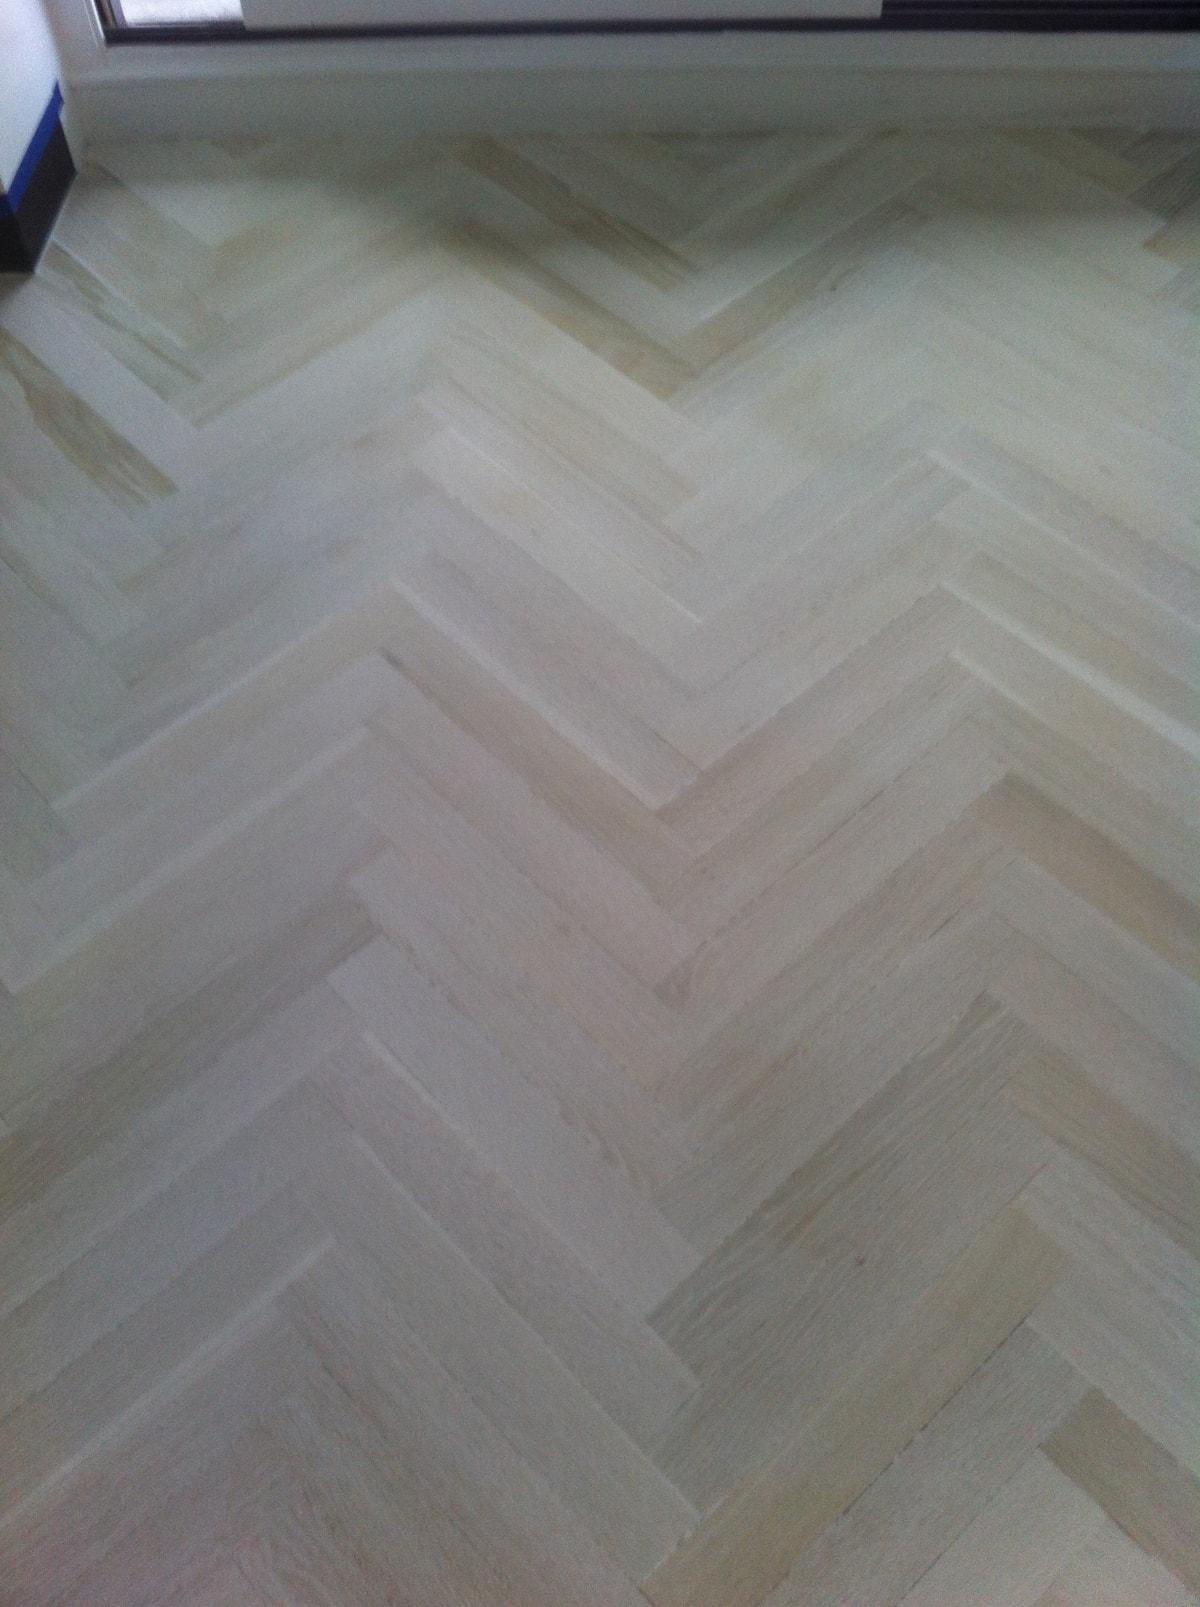 Herringbone Hardwood Flooring Medford MA 15-min